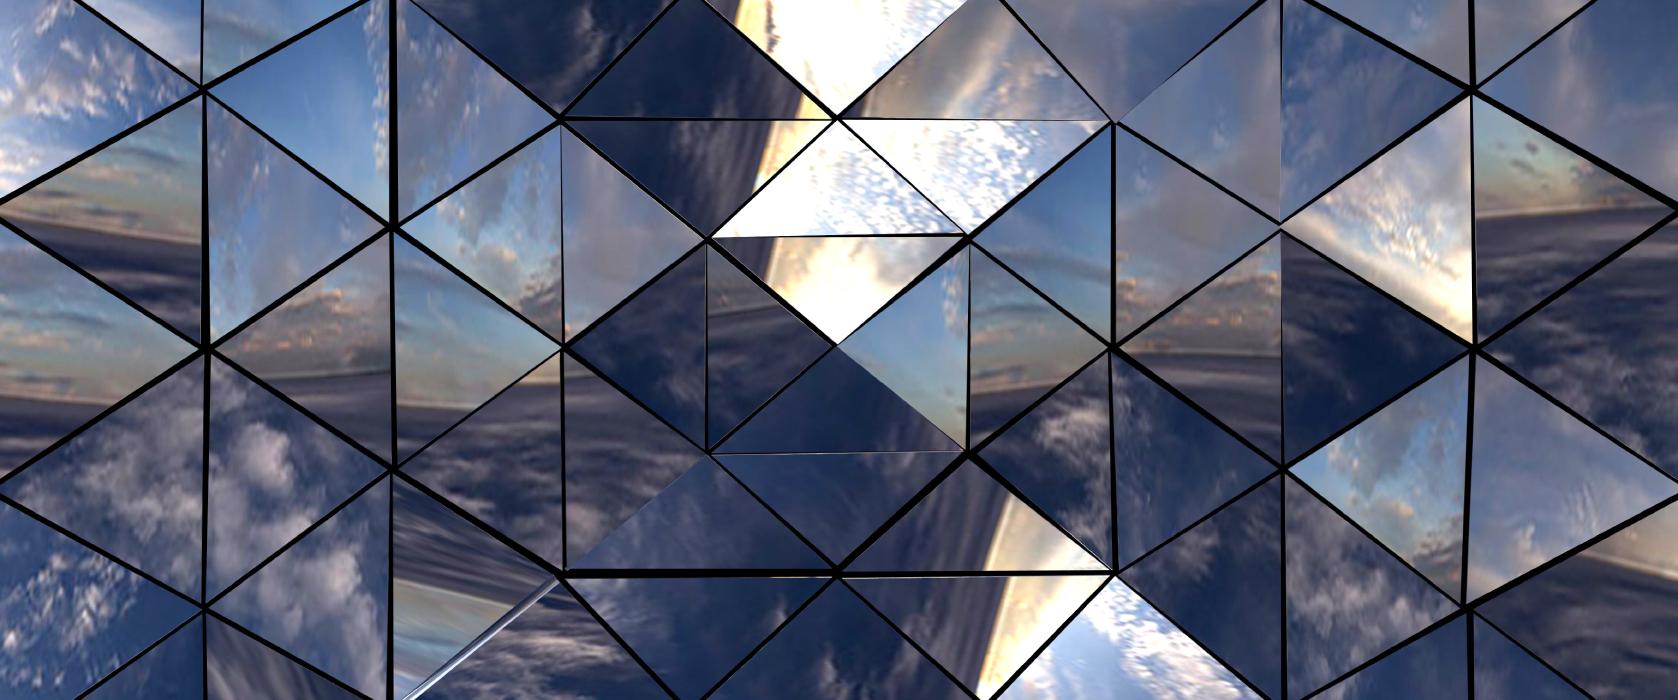 website-header-images_kaleidoscope-1678x700px